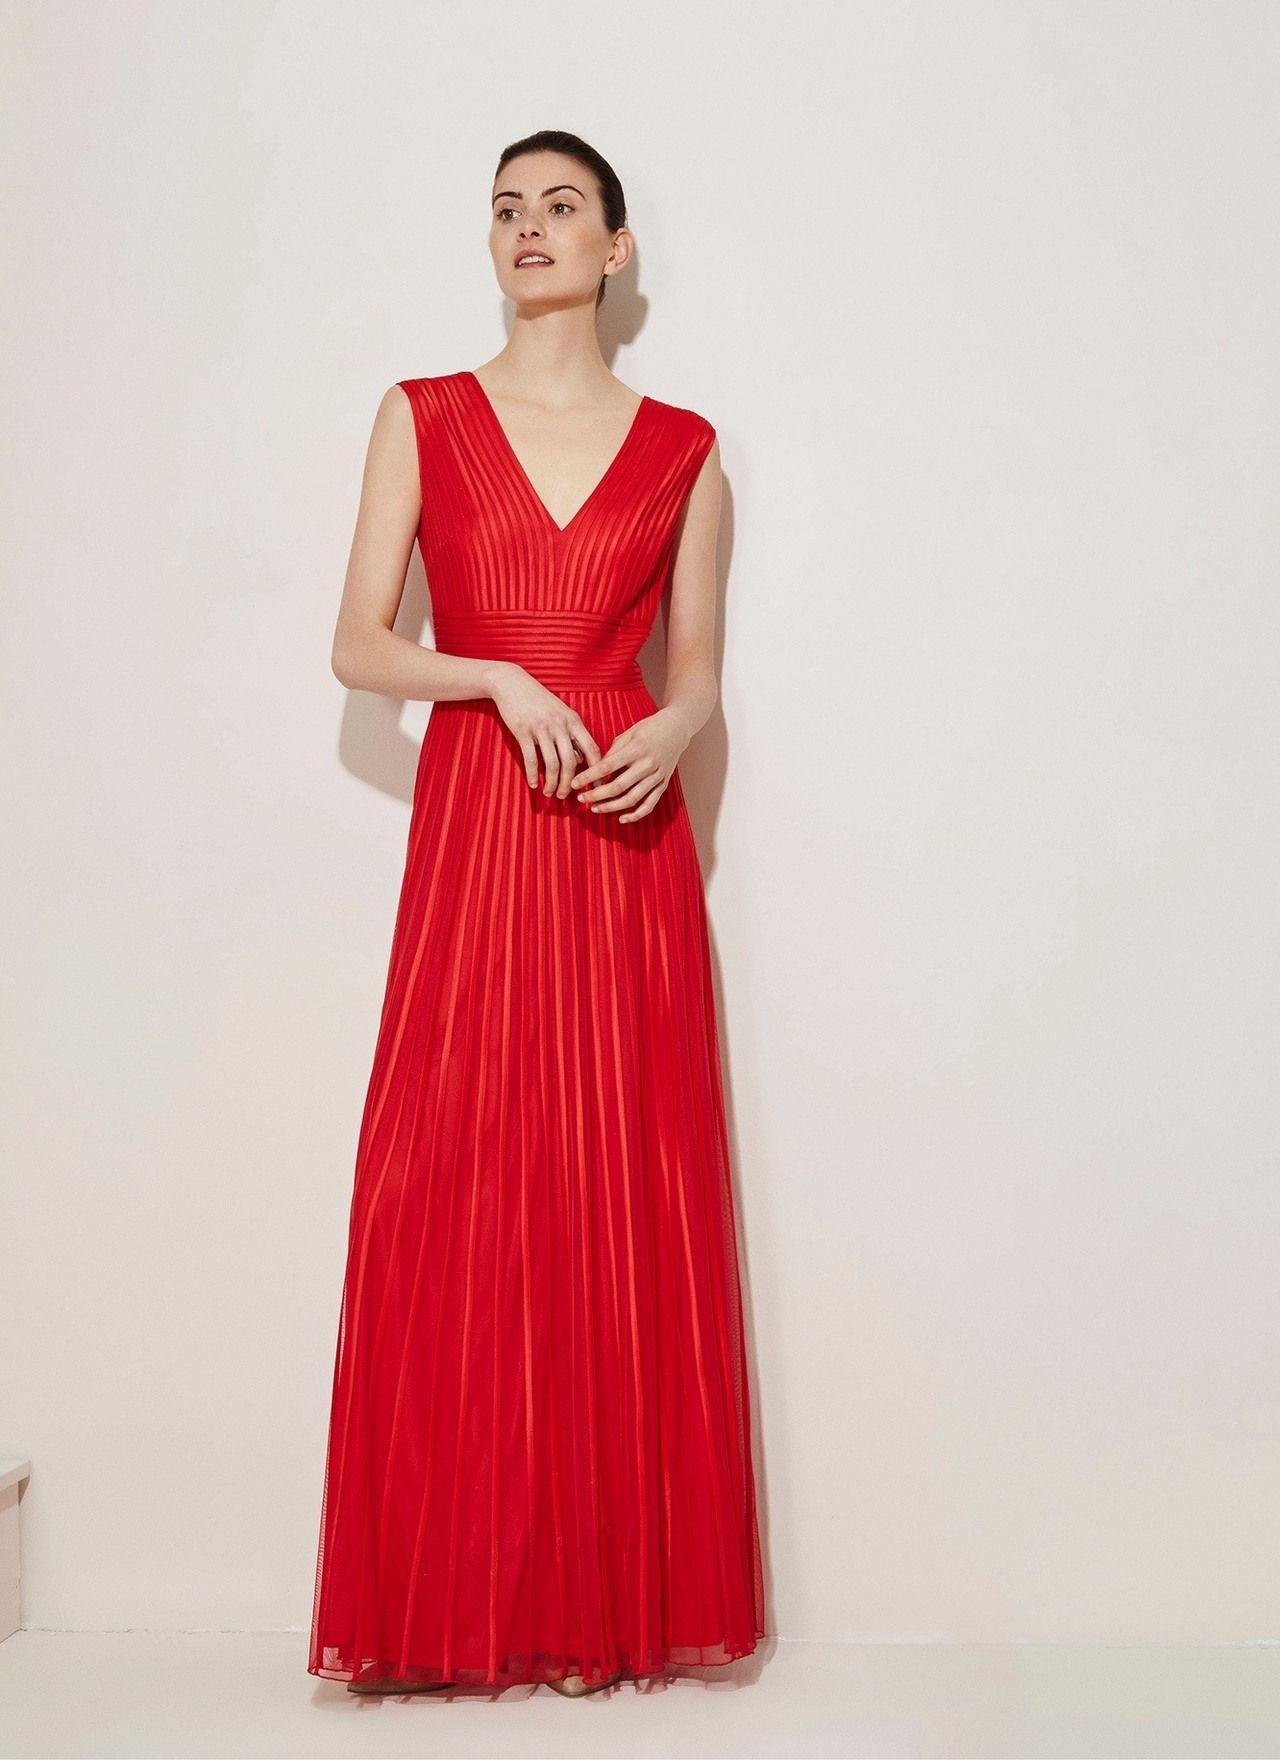 Vestido c ctel de cintas ad mujer adolfo dominguez for Adolfo dominguez outlet online